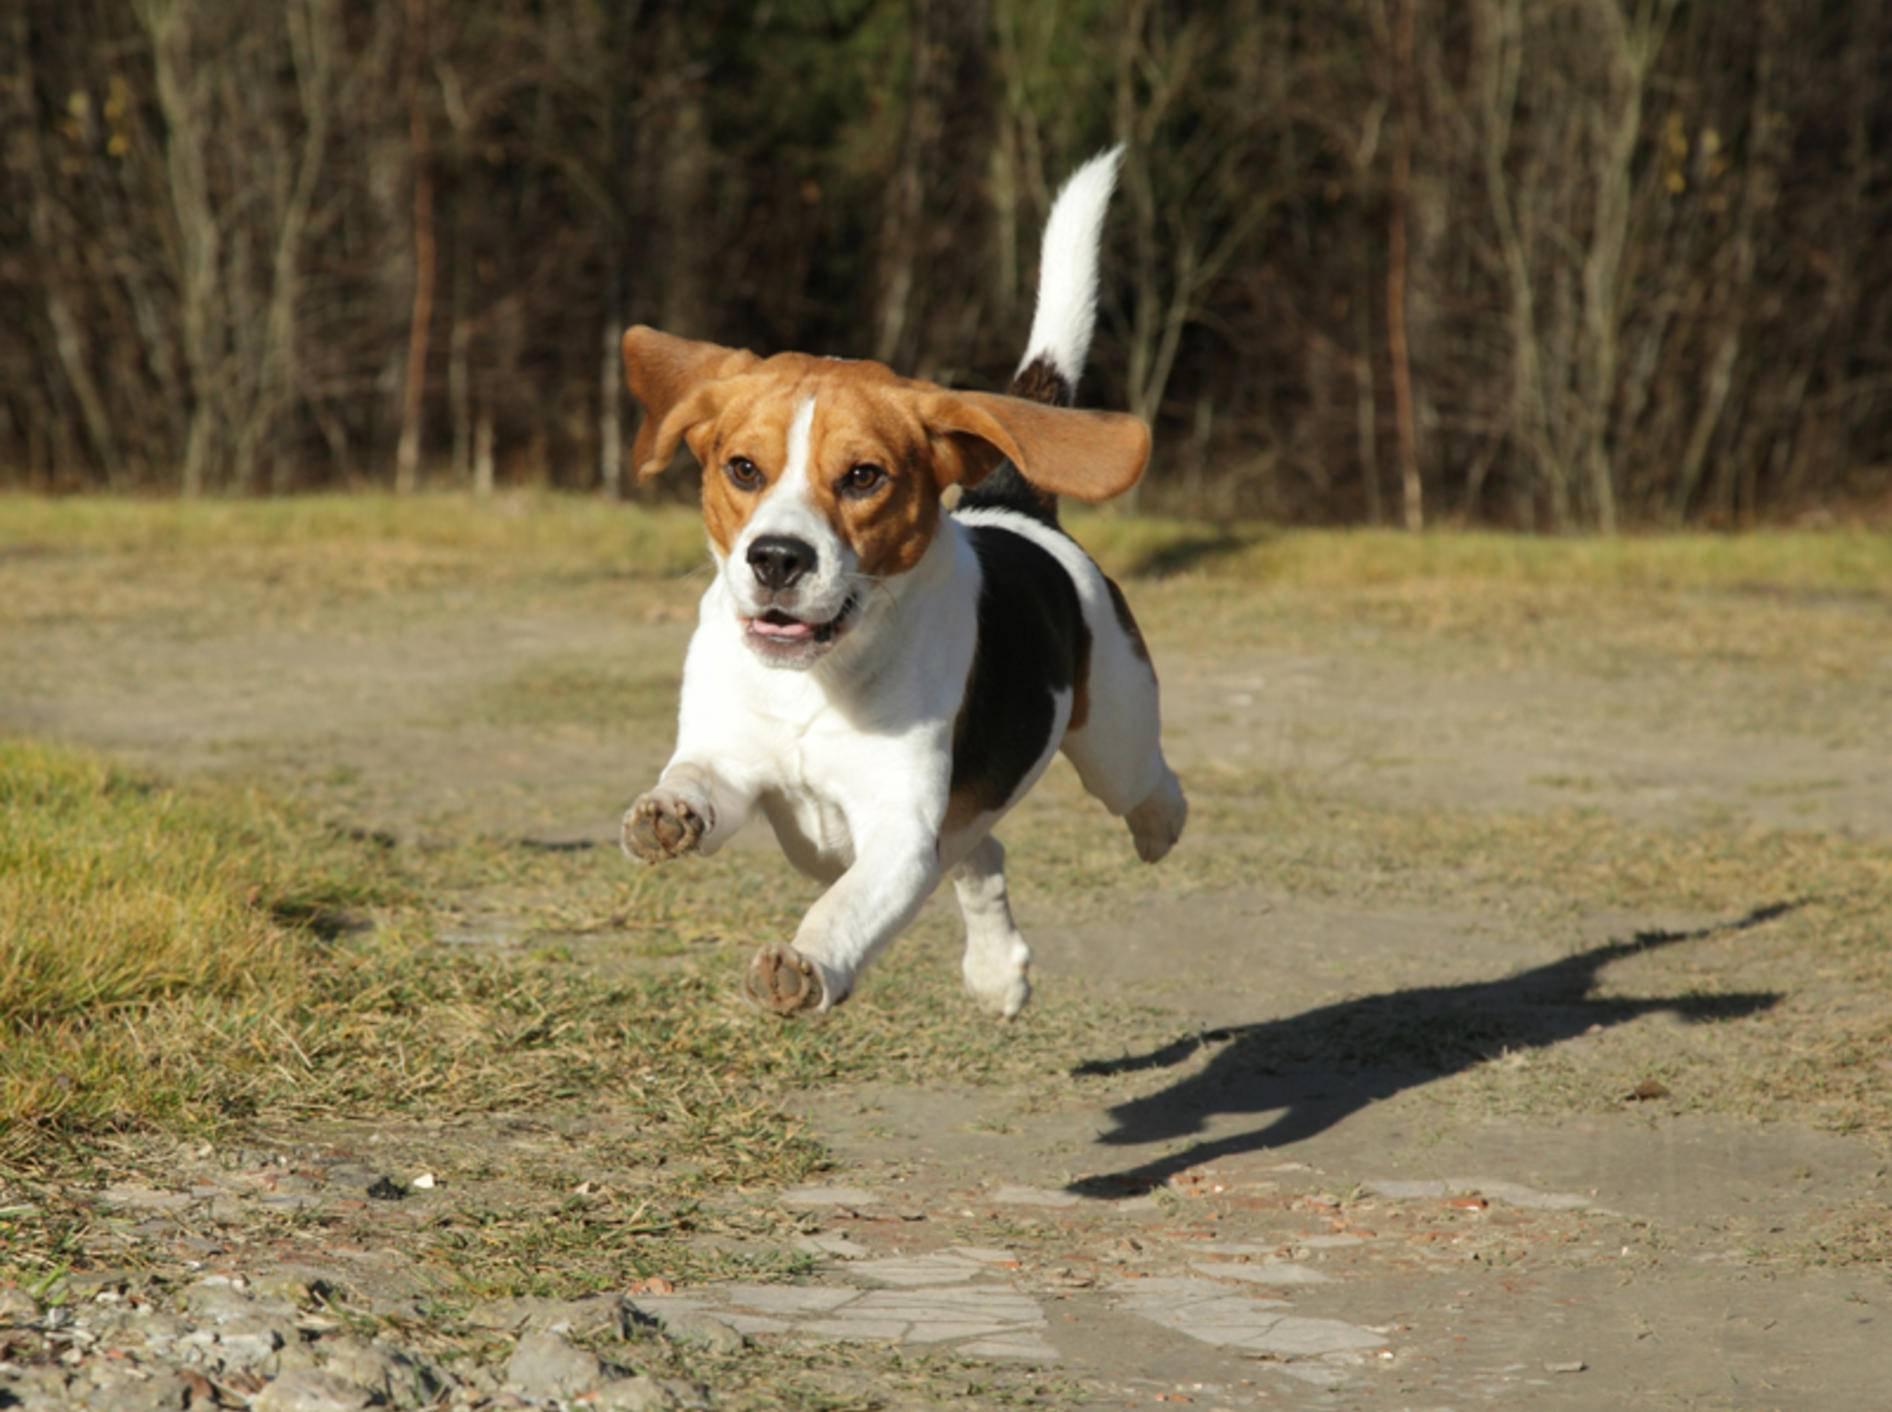 """""""Oh, dahinten hat sich etwas bewegt, nichts wie hinterher!"""" Laufhunde wie der Beagle haben einen ausgeprägten Jagdinstinkt – Shutterstock / Jagodka"""